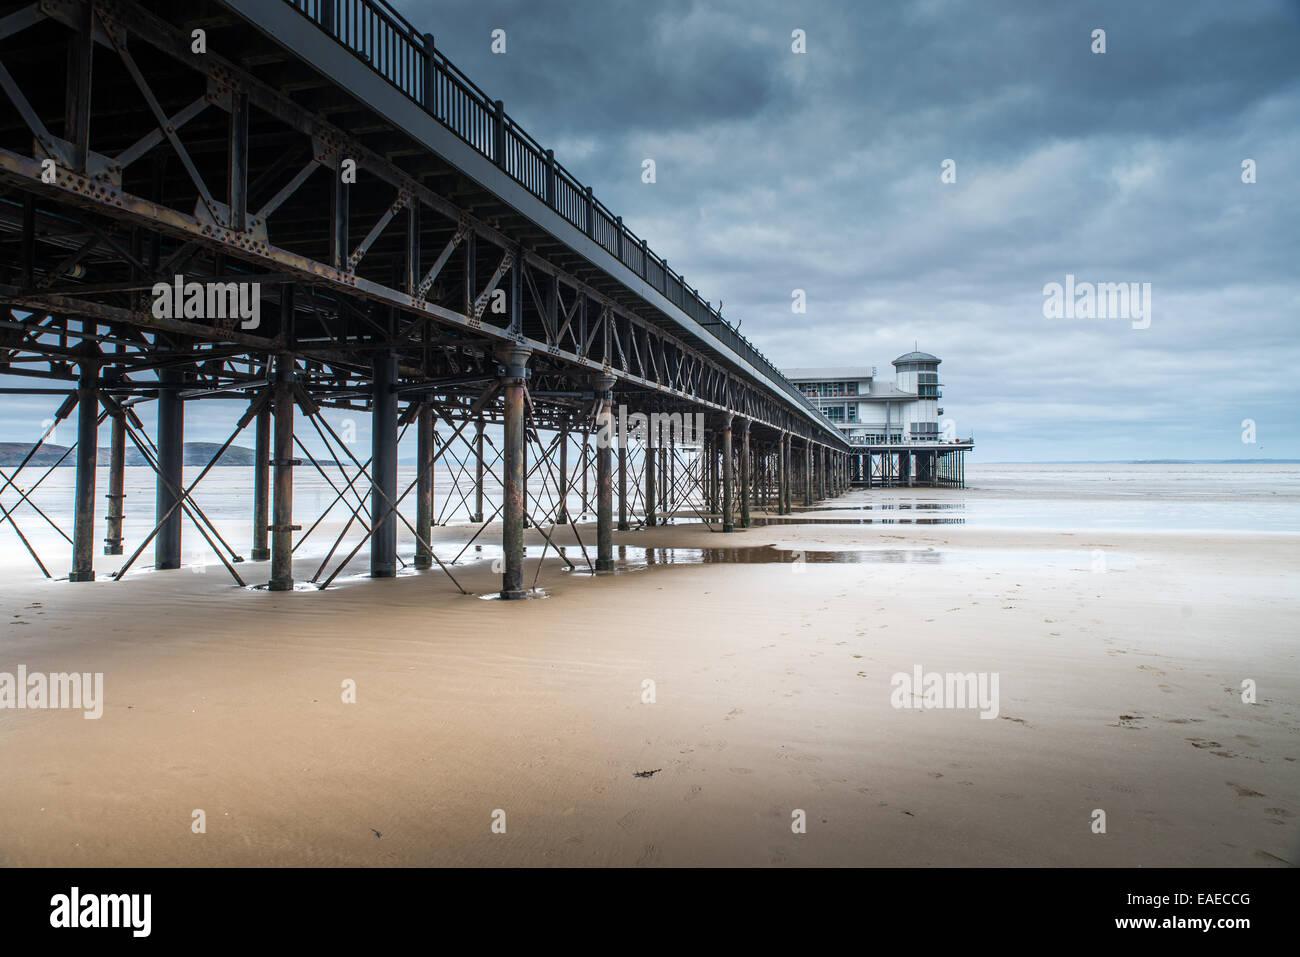 The Grand Pier, Weston super Mare - Stock Image